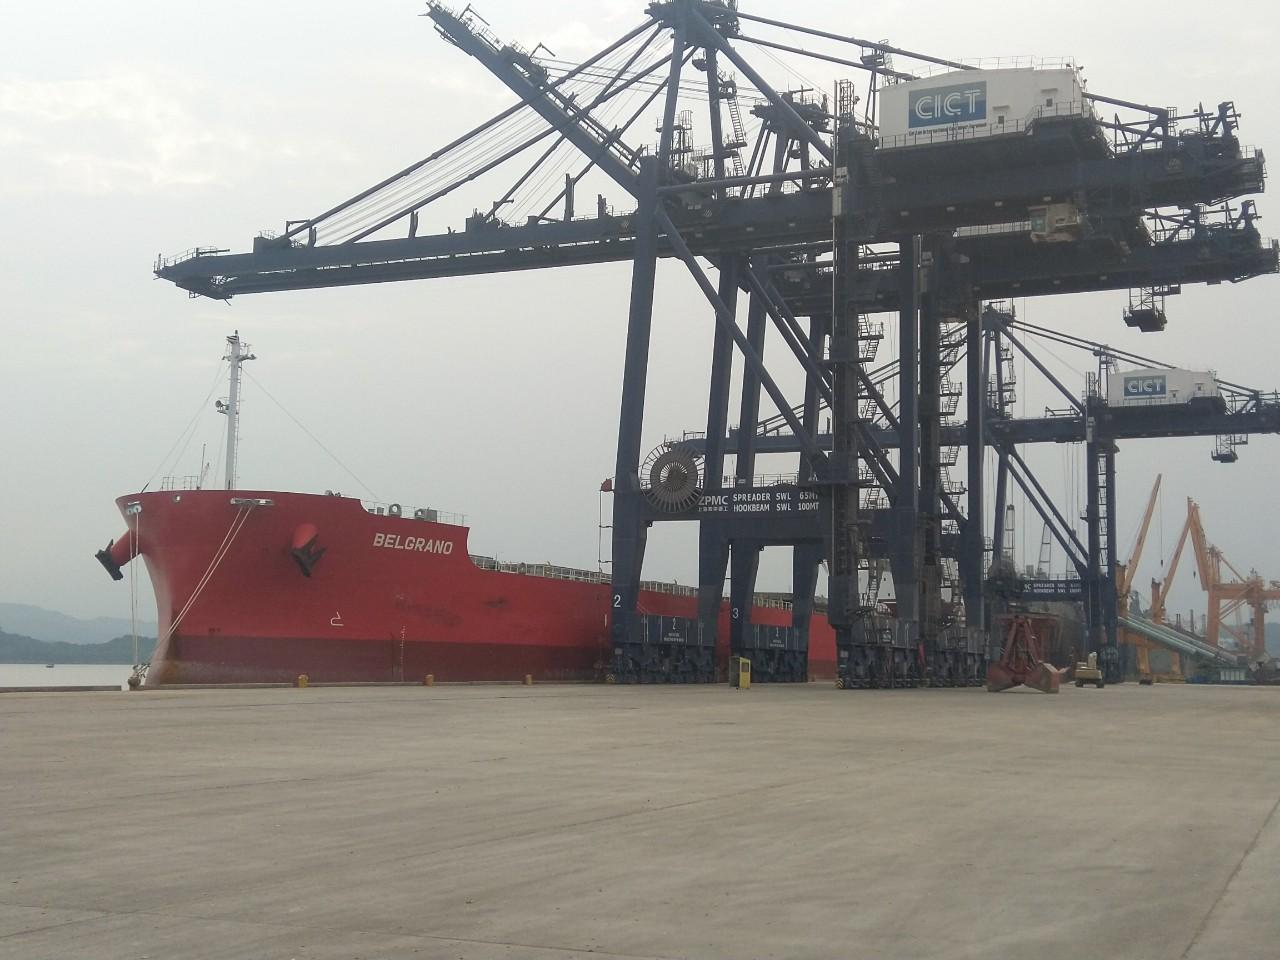 Tàu BELGRANO Ngô + Khô đậu cảng CICT